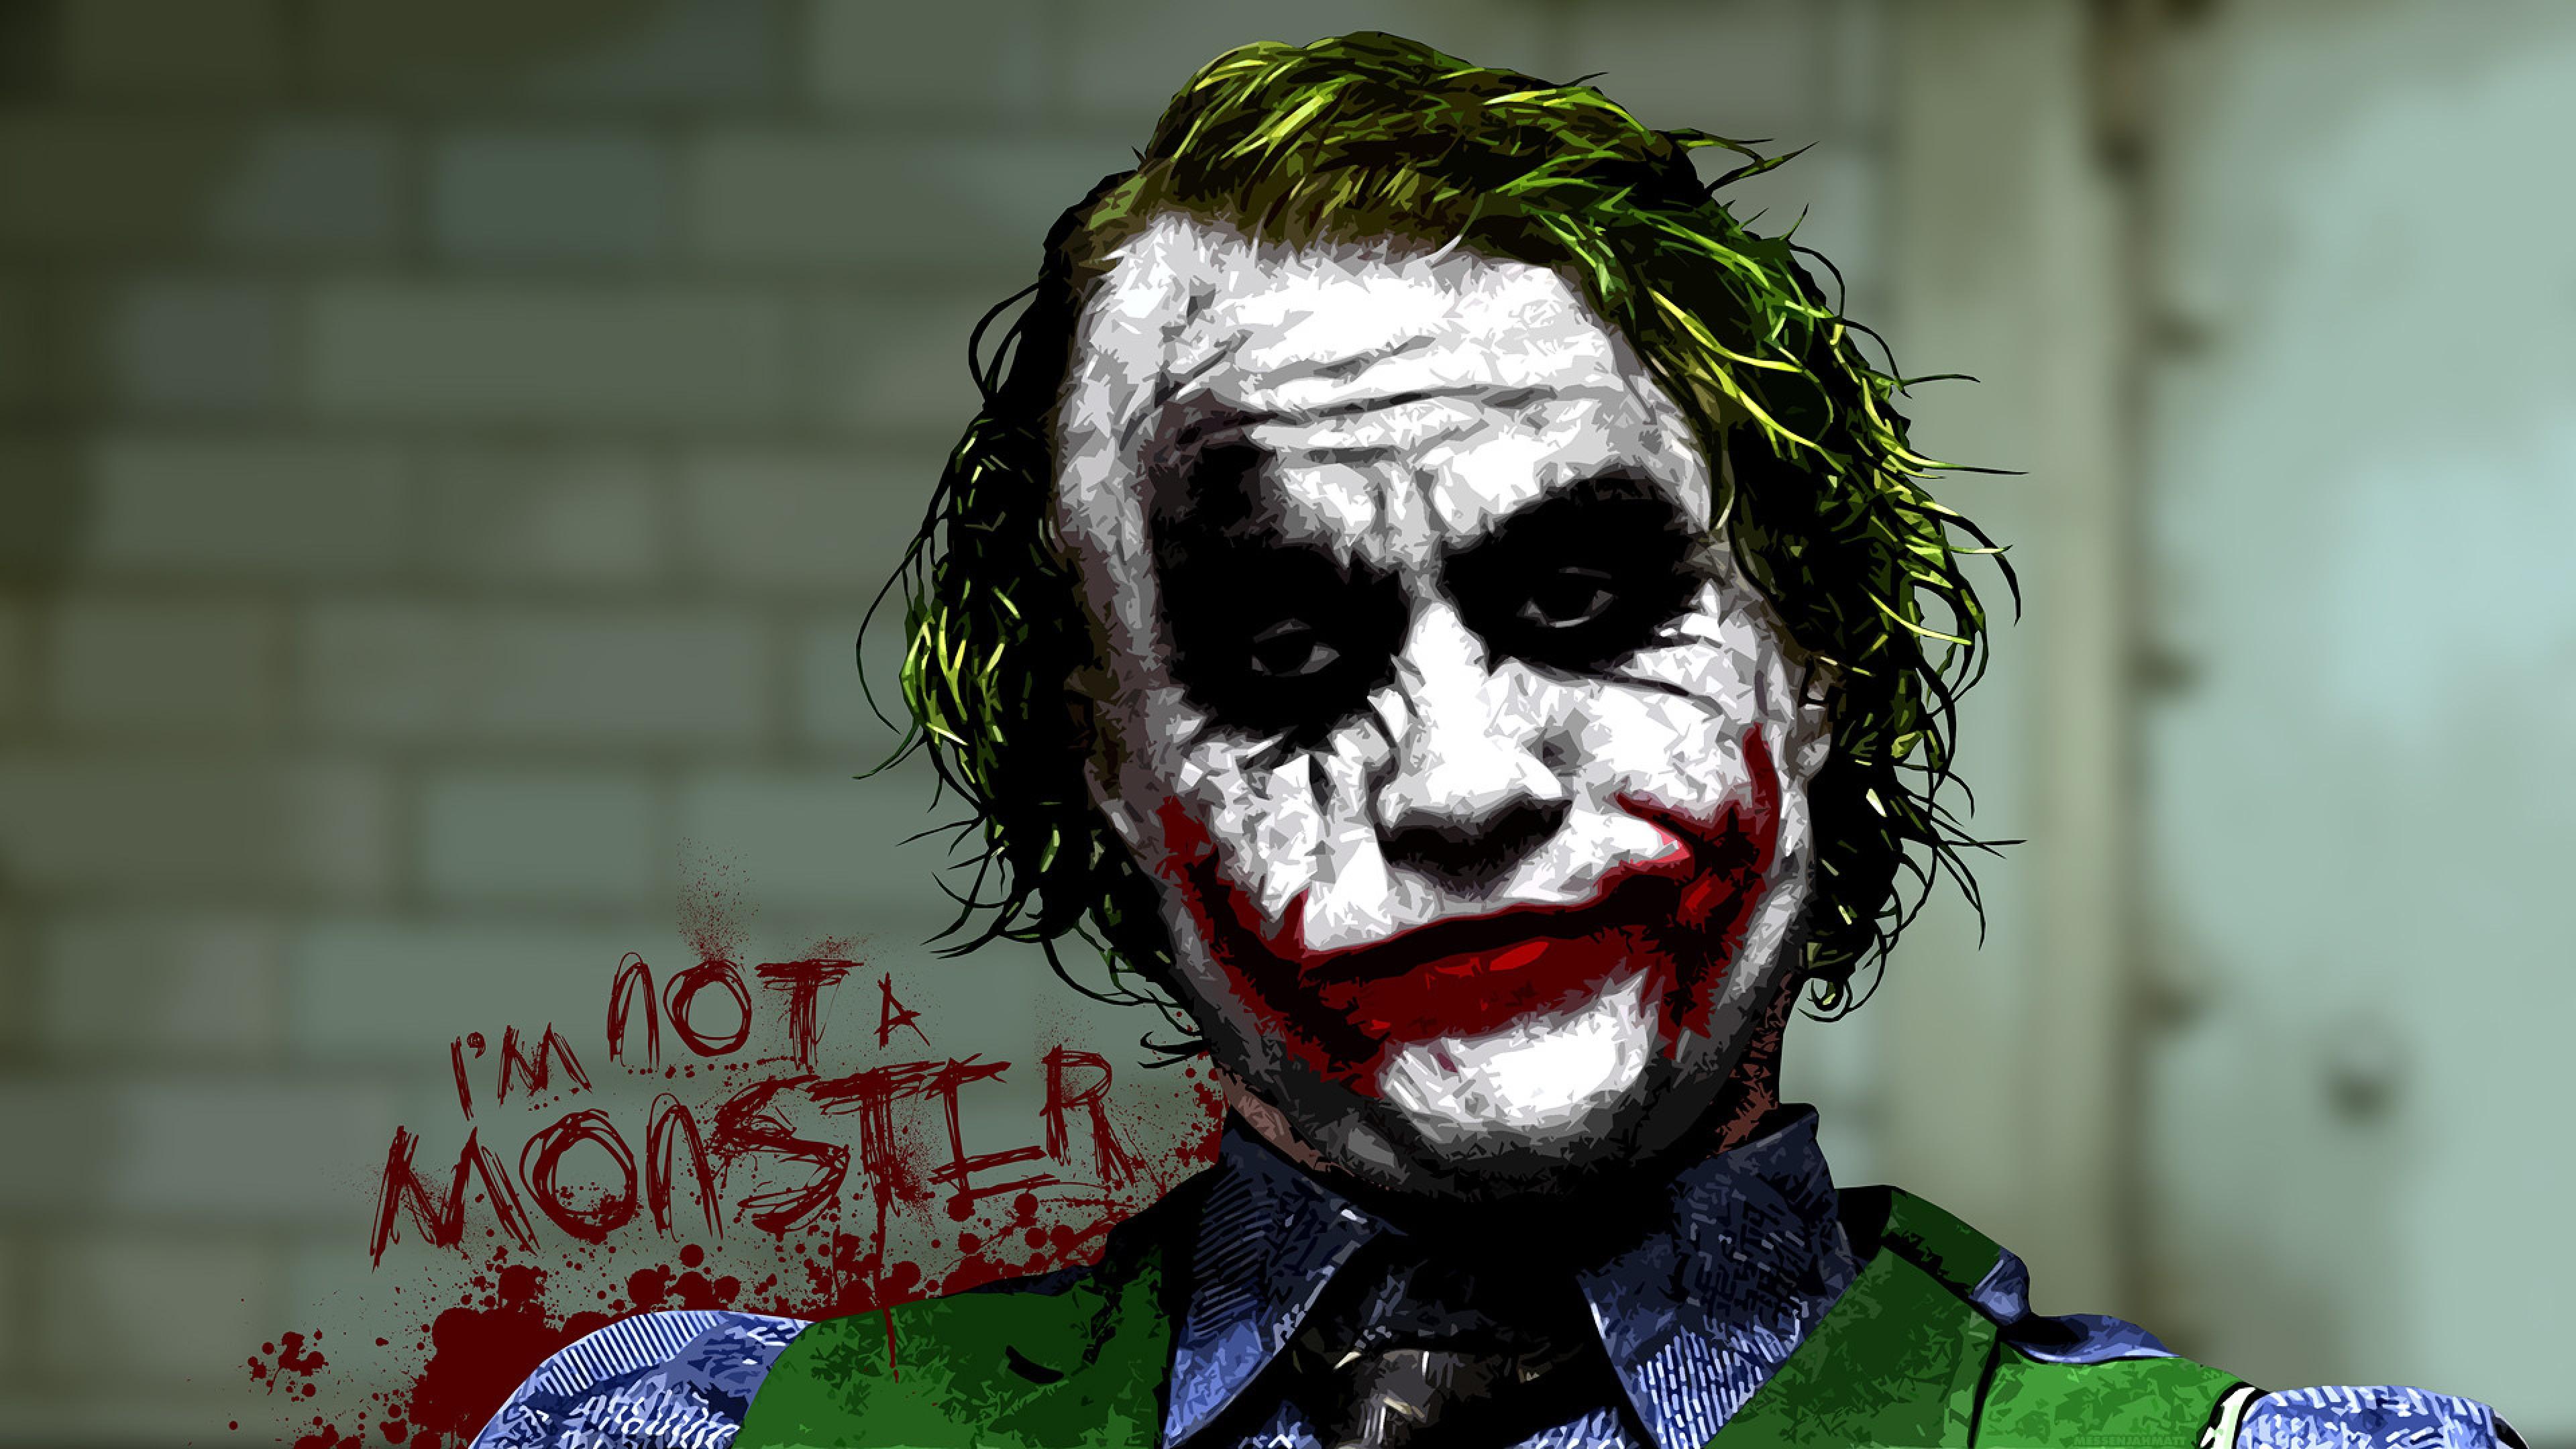 The Joker Hd Wallpaper 4k Ultra Hd Hd Wallpaper Wallpapers Net